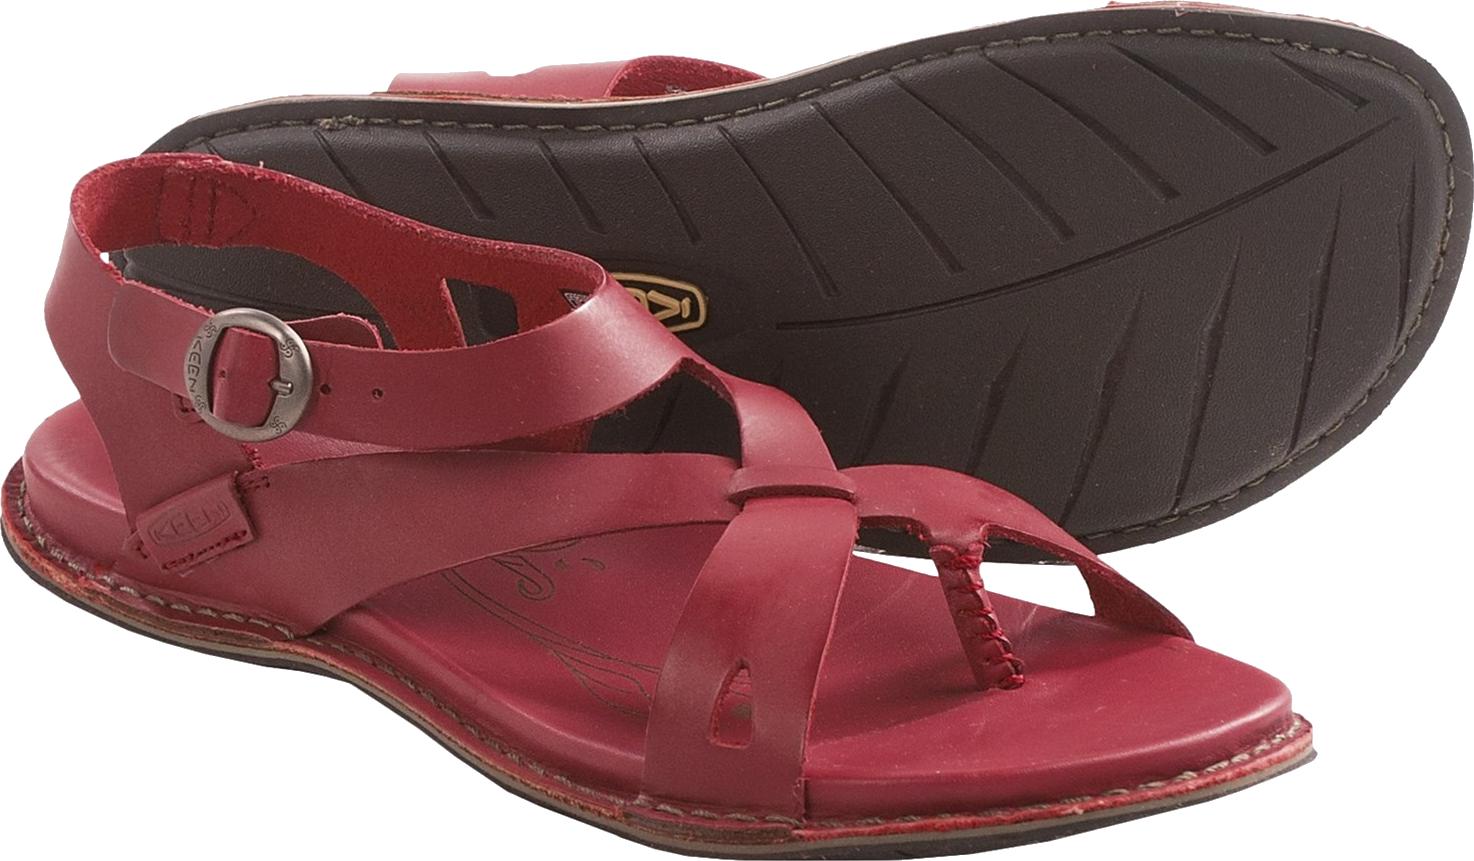 transparent sandals 28 images shoes png transparent. Black Bedroom Furniture Sets. Home Design Ideas